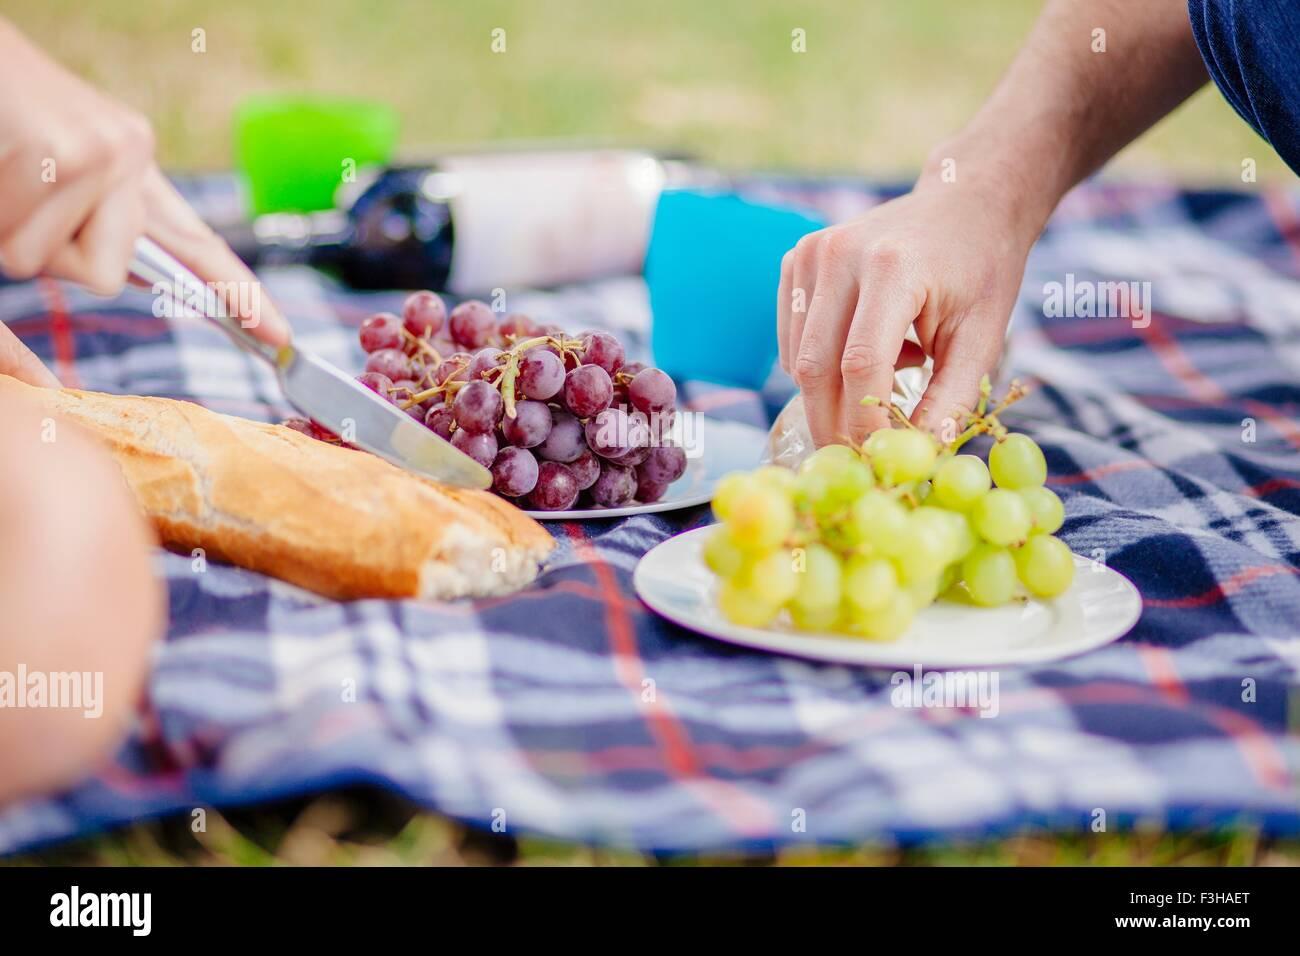 Blick auf Paare Hände greifen nach Trauben auf der Picknickdecke beschnitten Stockbild